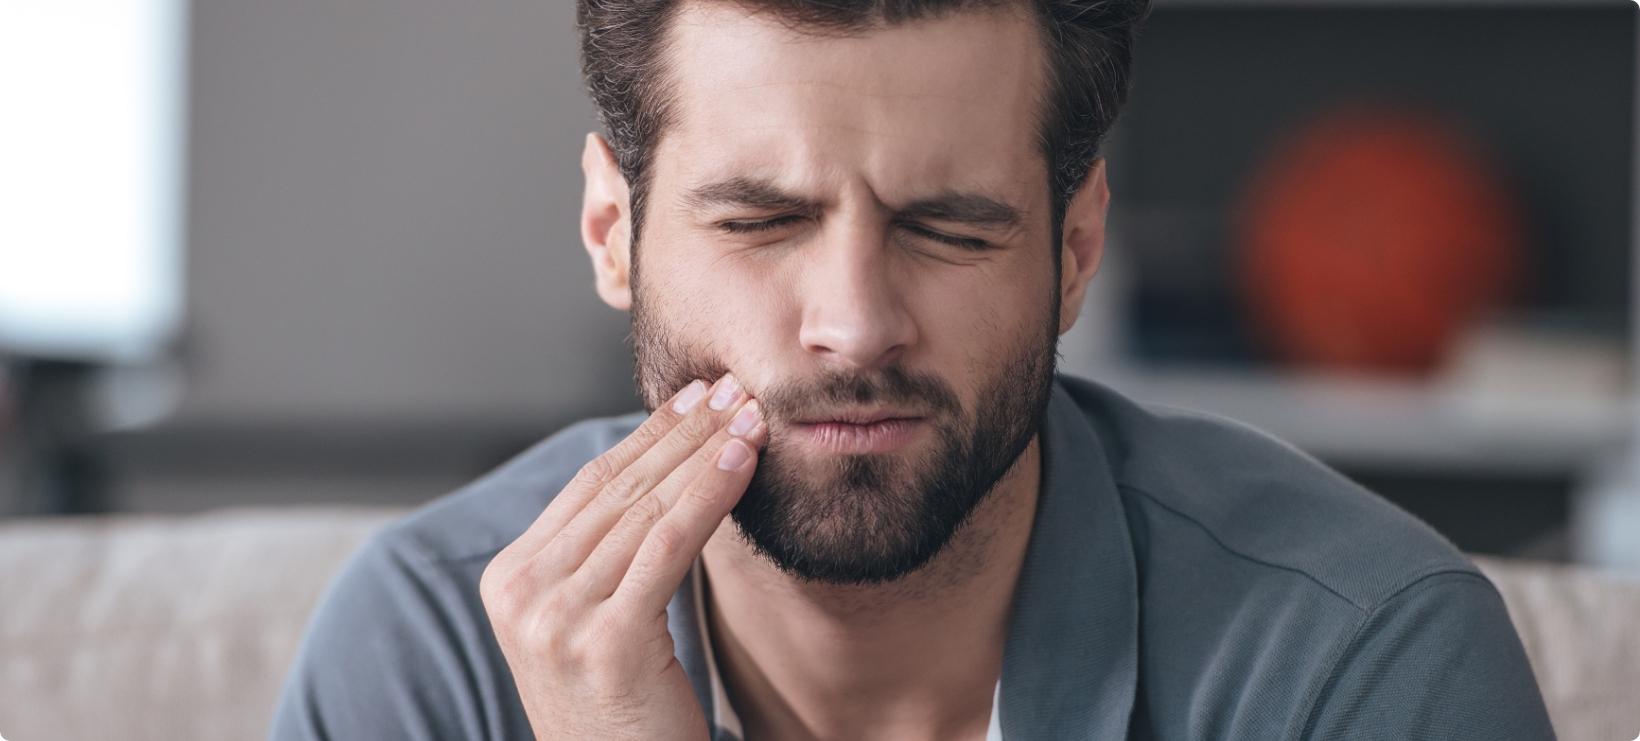 Les douleurs dentaires fortes et intenses